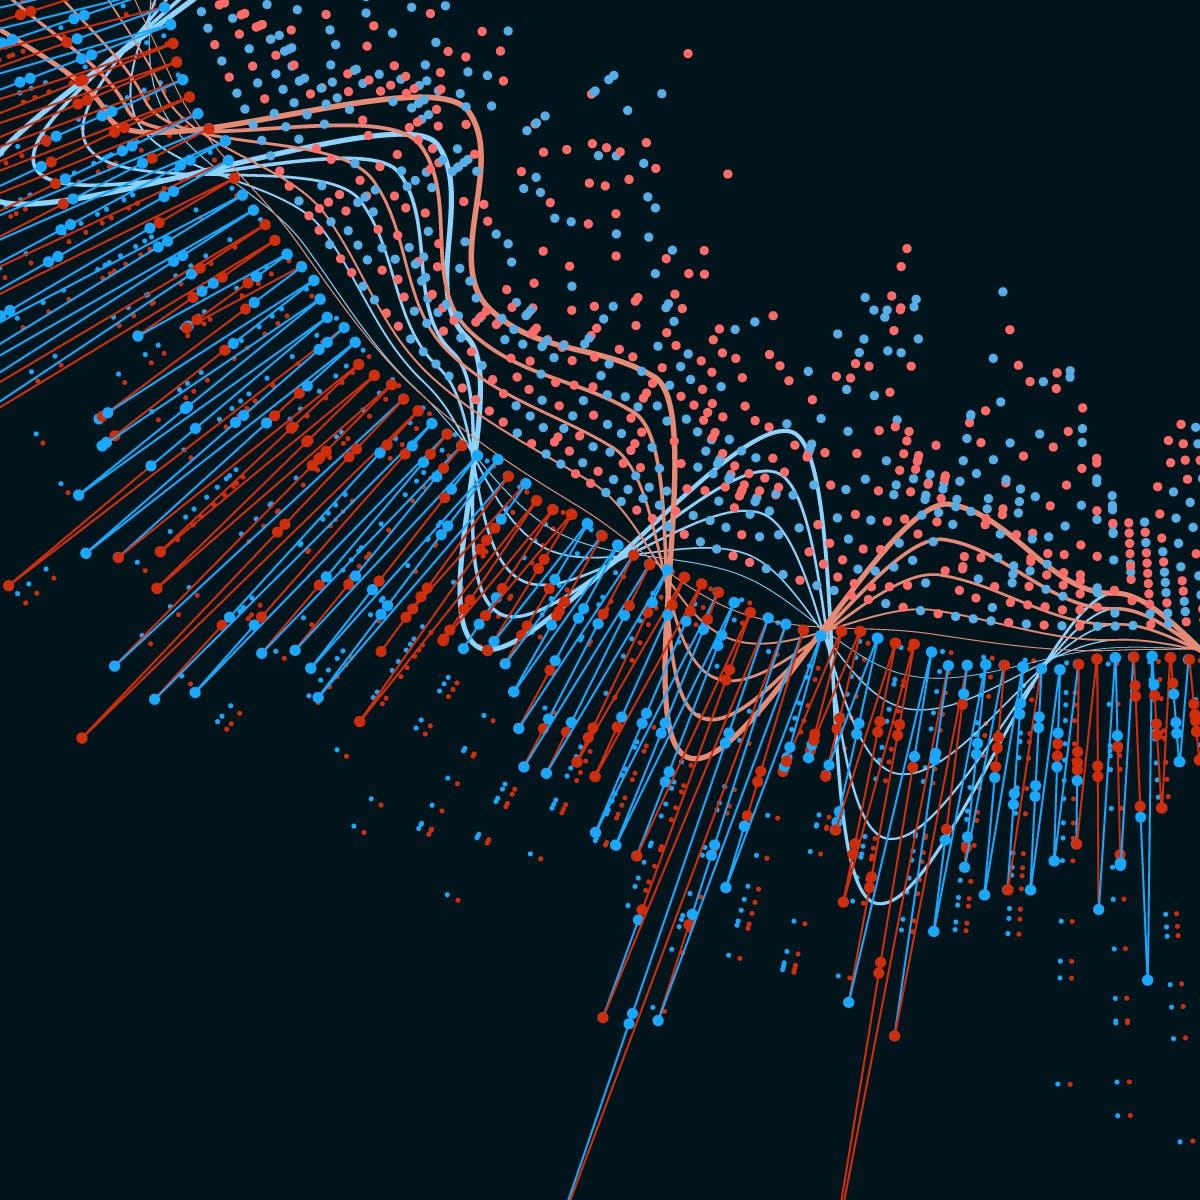 Введение в науку о данных (An Introduction to Data Science)